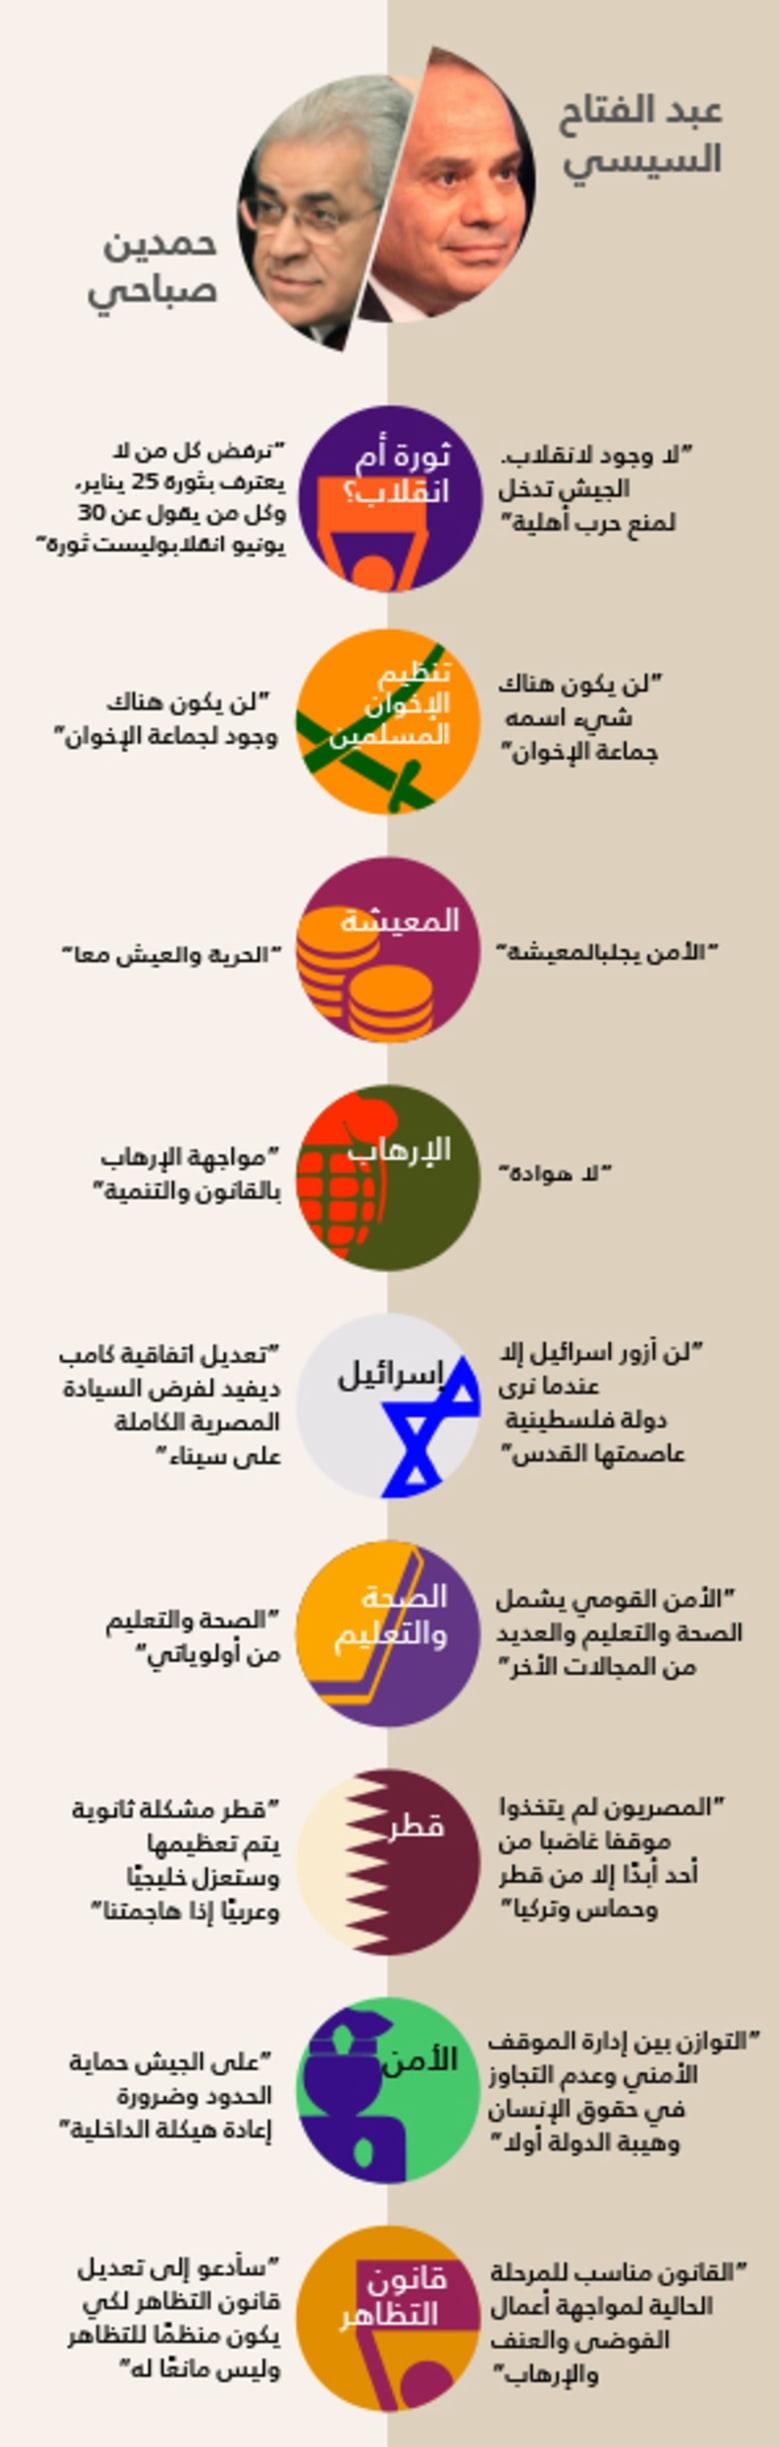 نقاط الالتقاء والاختلاف بين مرشحي الرئاسة المصرية